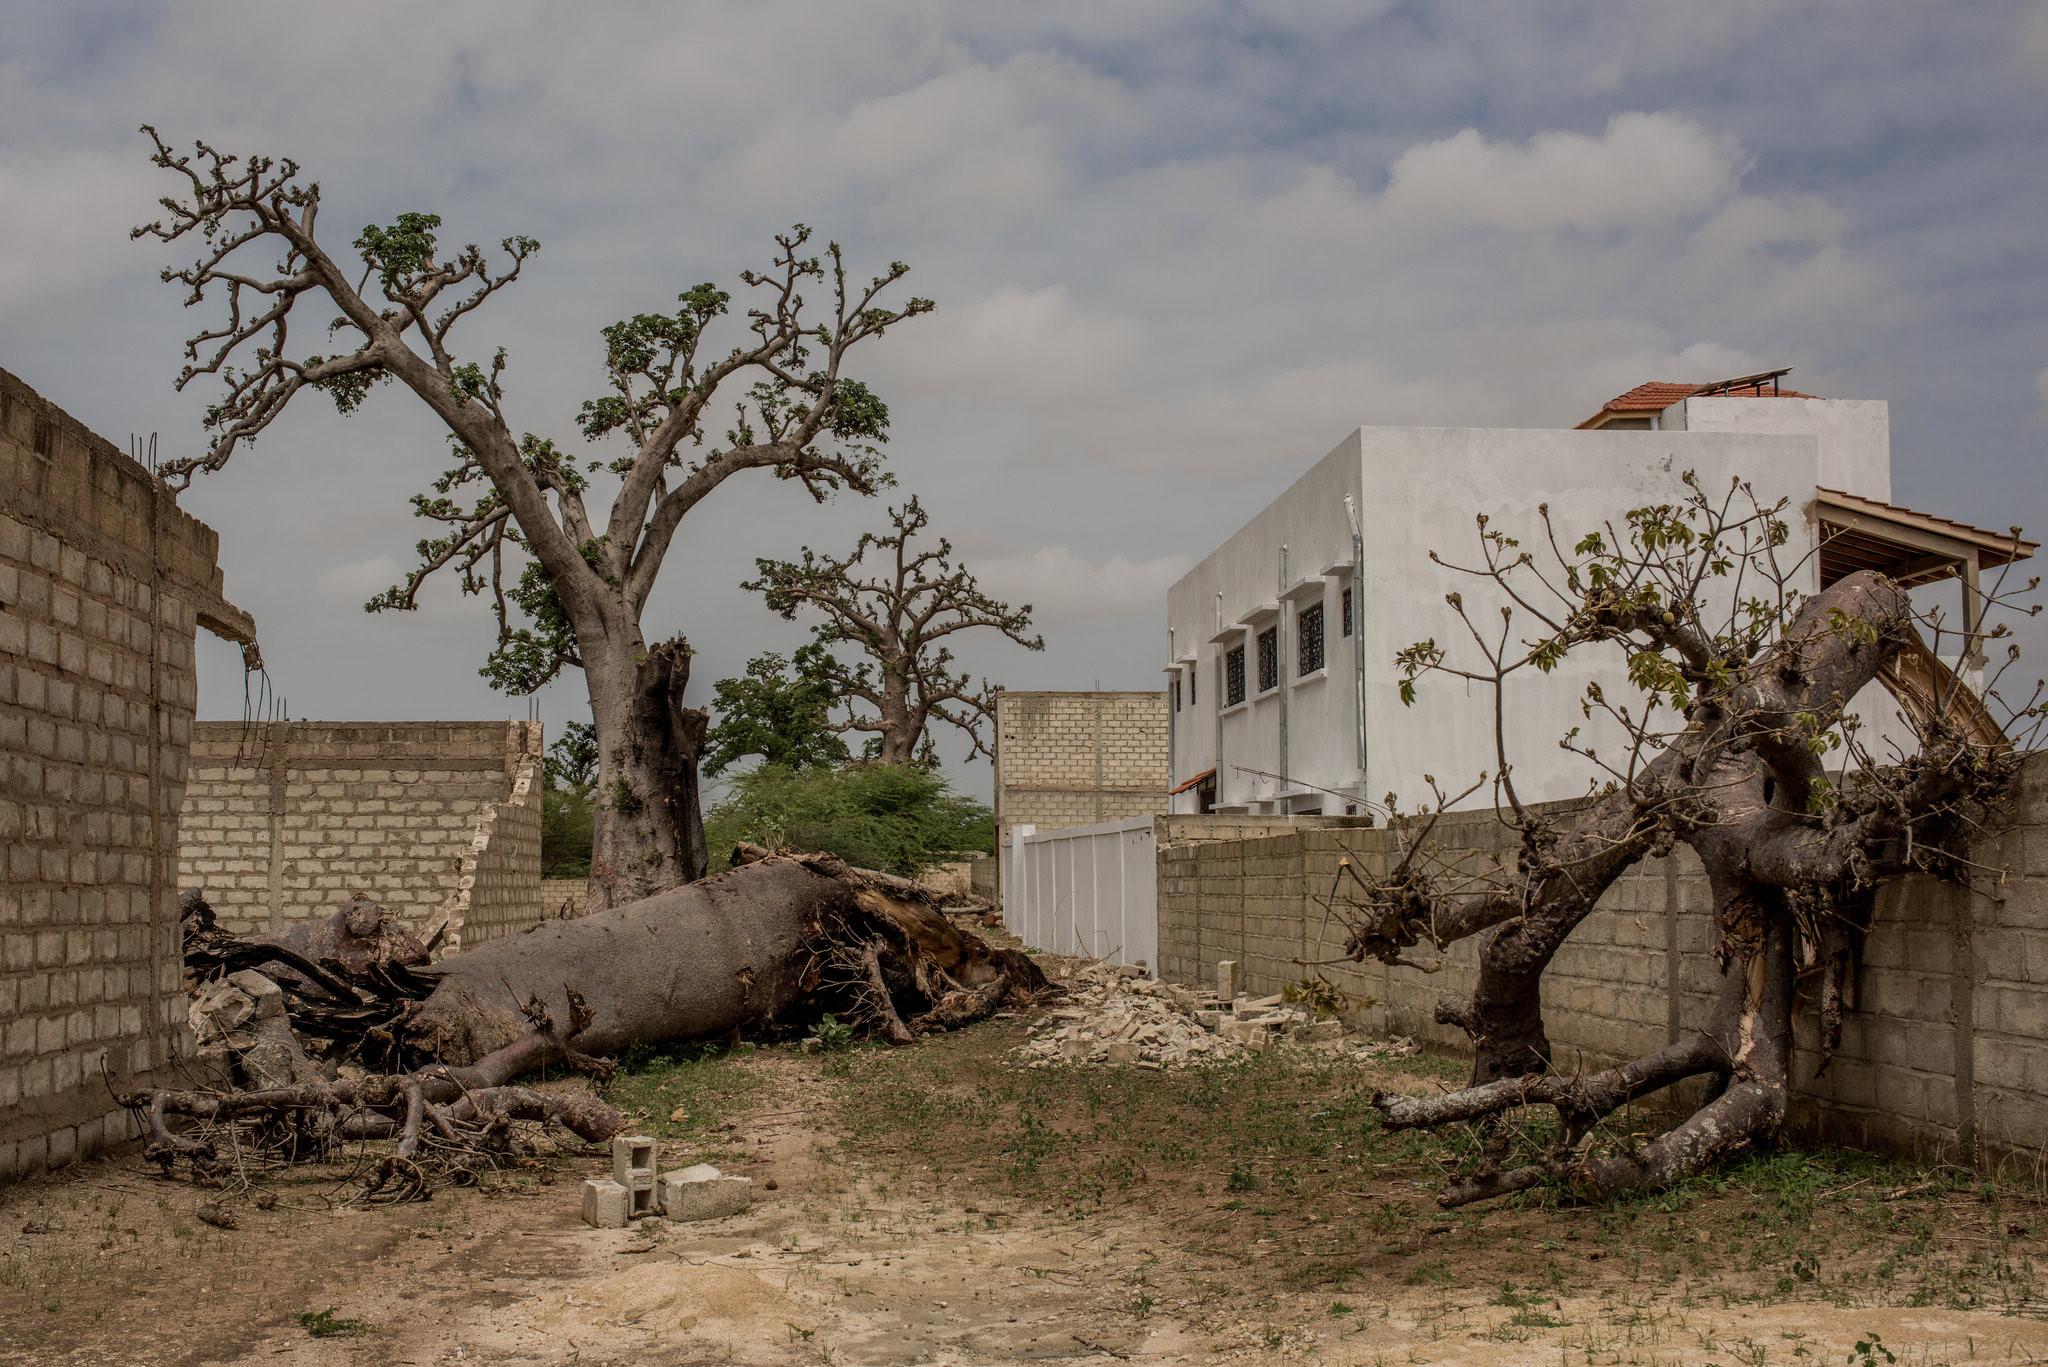 Cây thiêng trăm năm của Senegal chết dần trong thời hiện đại Ảnh 7